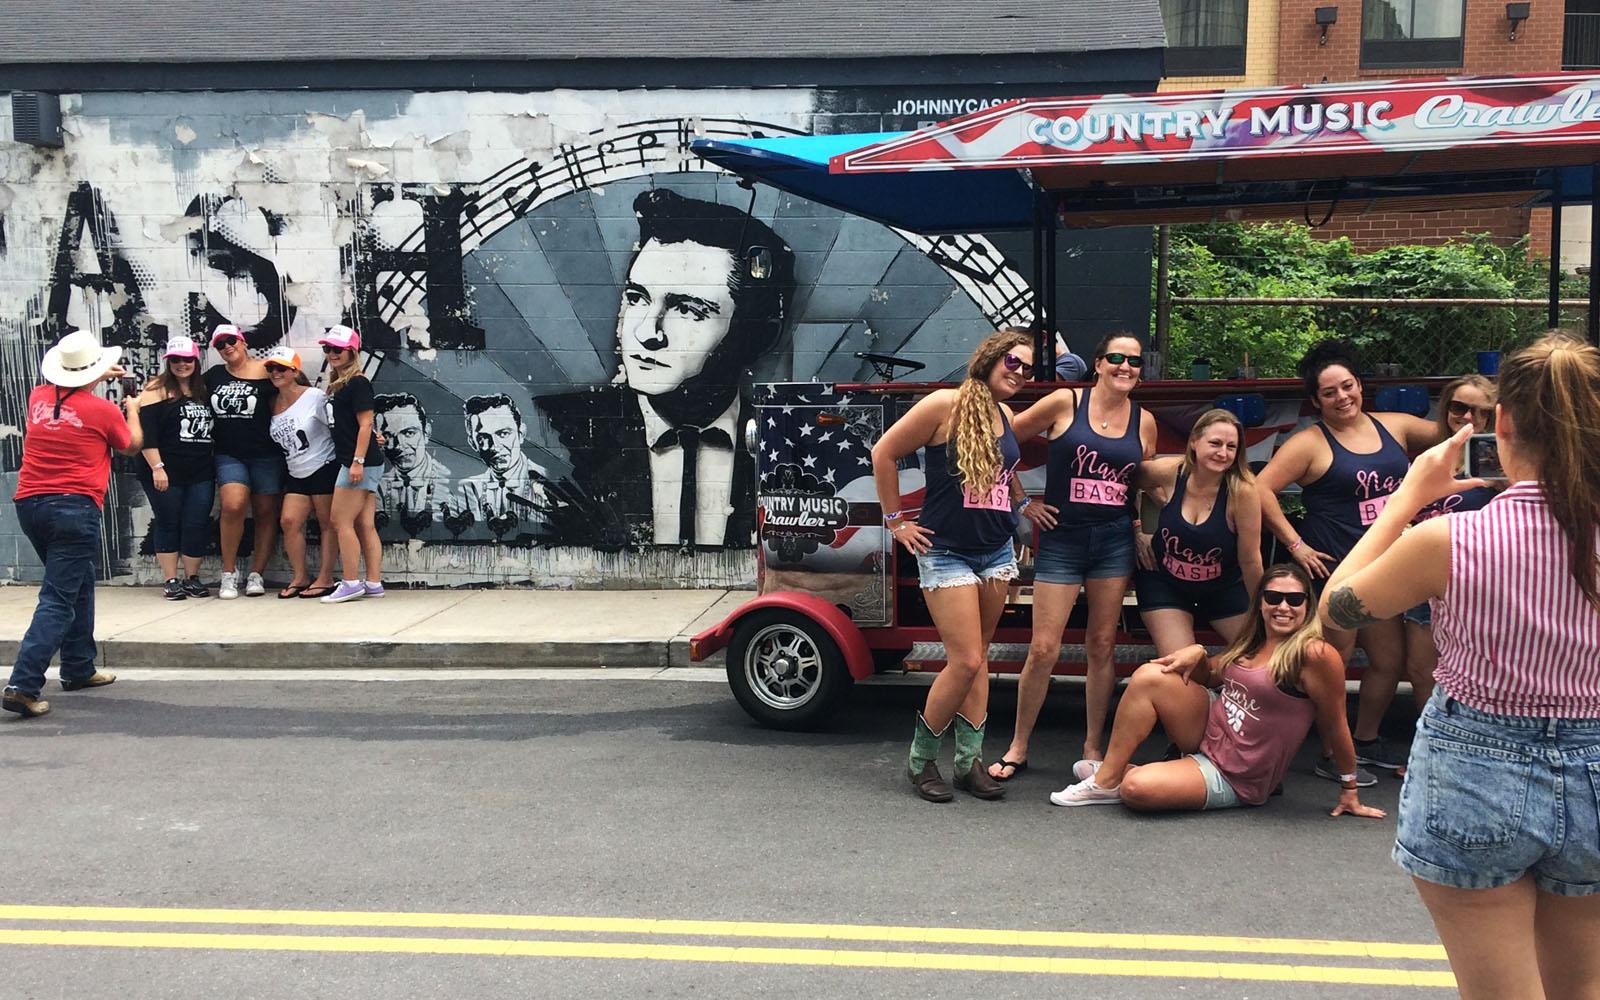 Gruppi di ragazze scattano foto ricordo mentre festeggiano l'addio al nubilato.